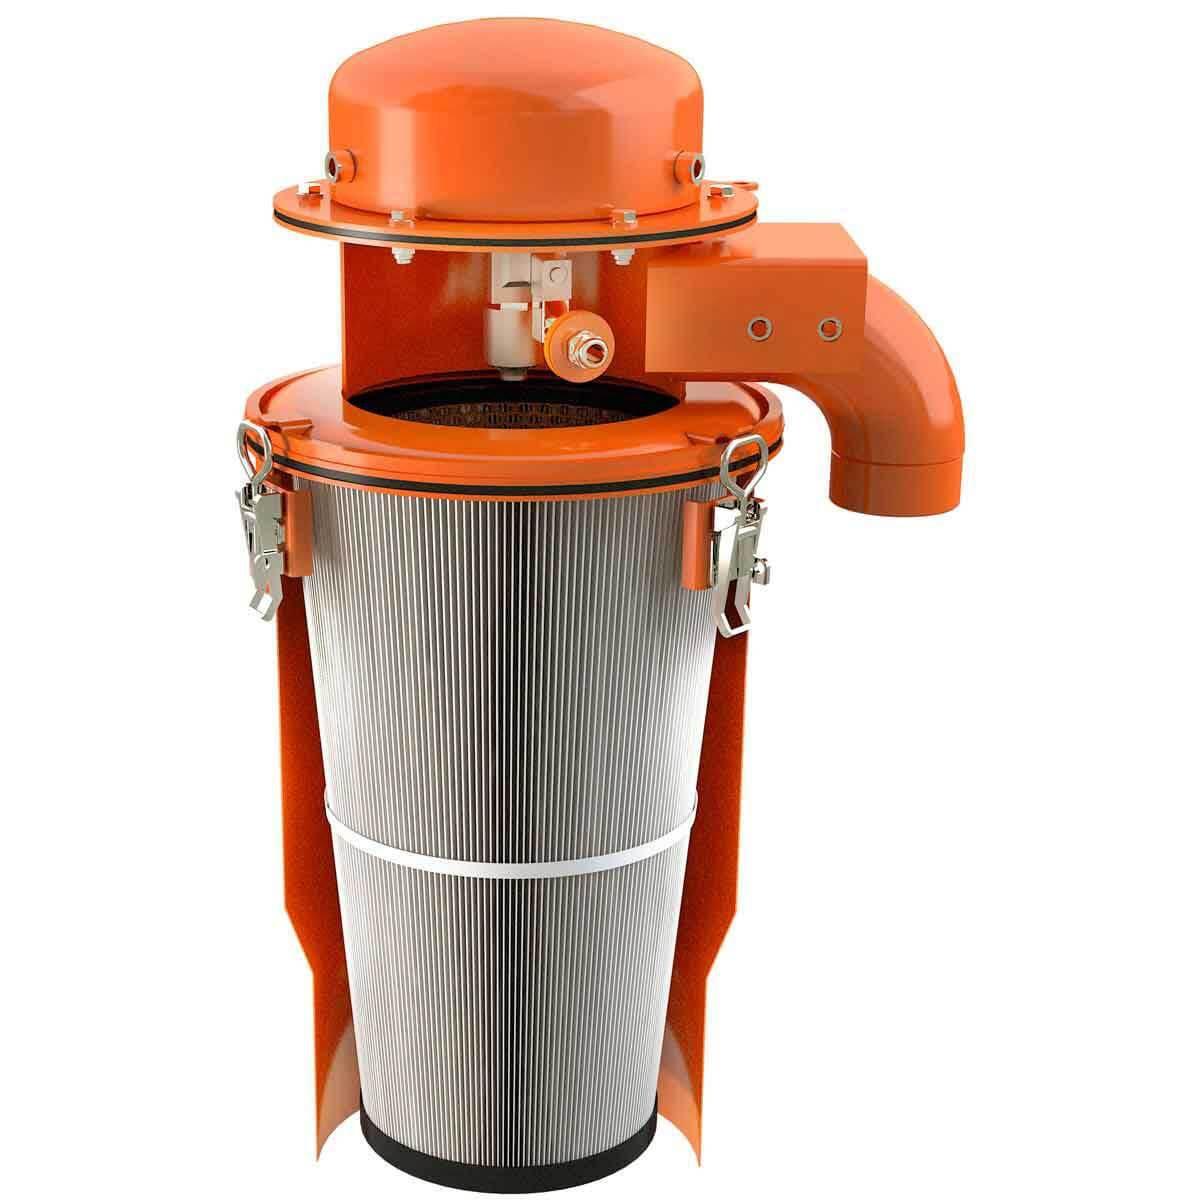 Husqvarna DC6000 Industrial vacuum